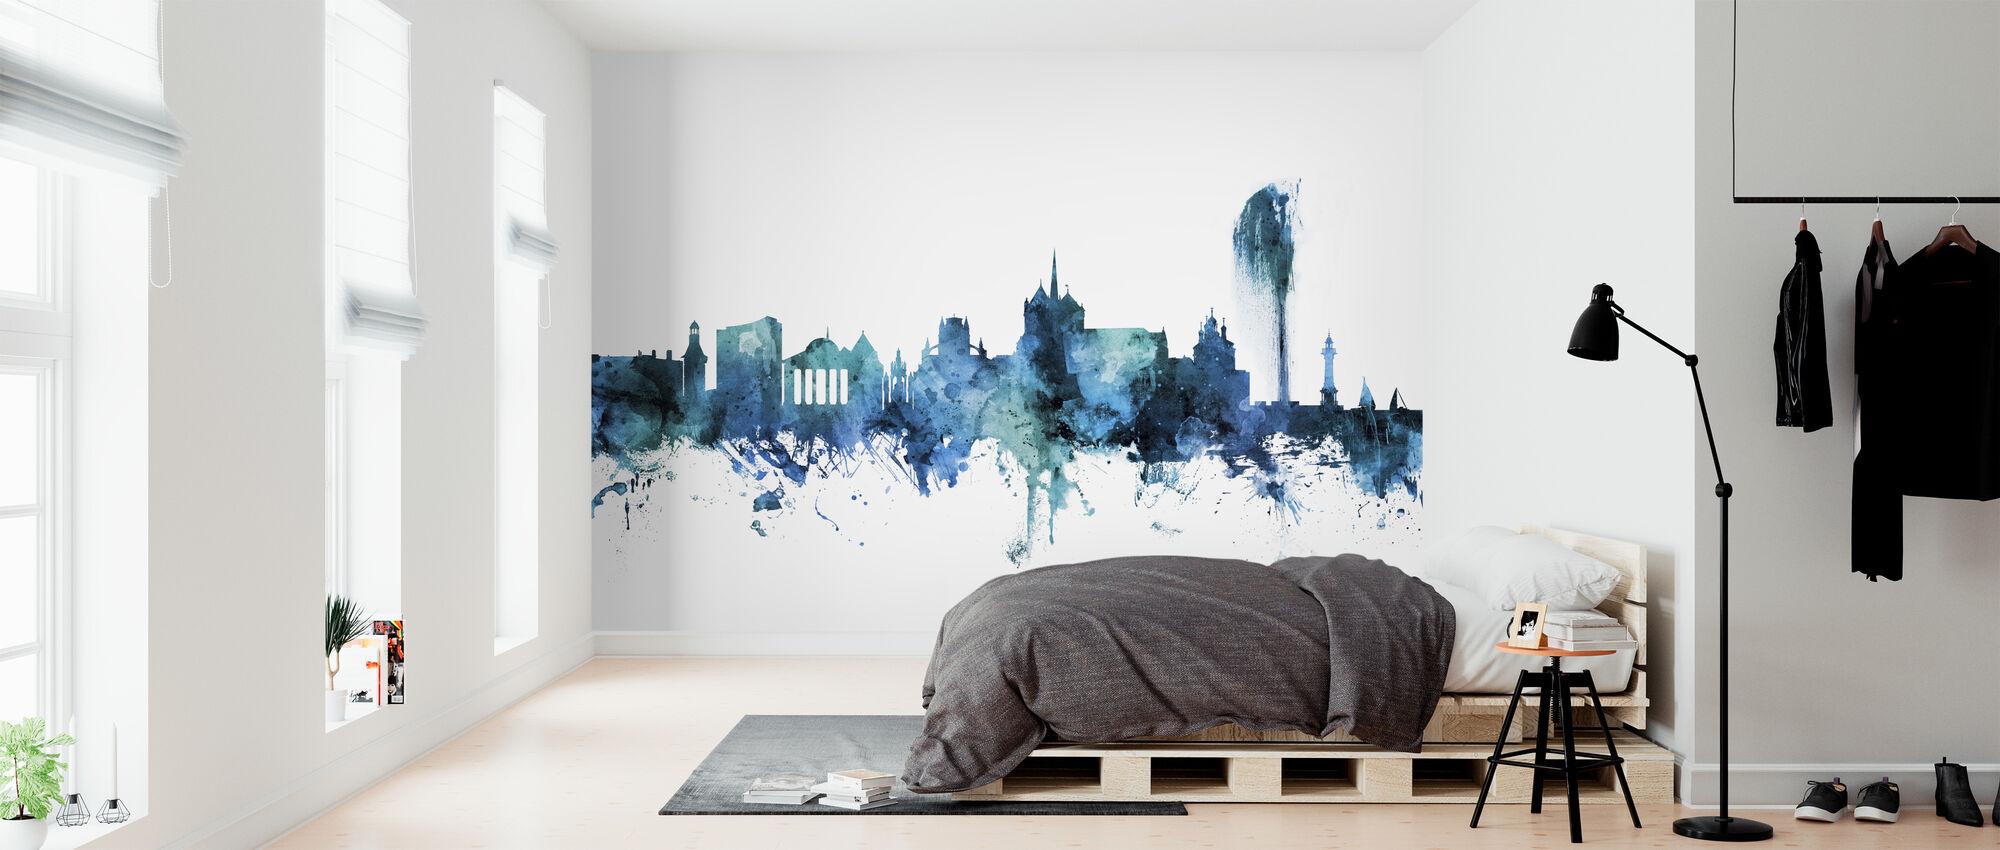 Geneva Switzerland Skyline - Wallpaper - Bedroom